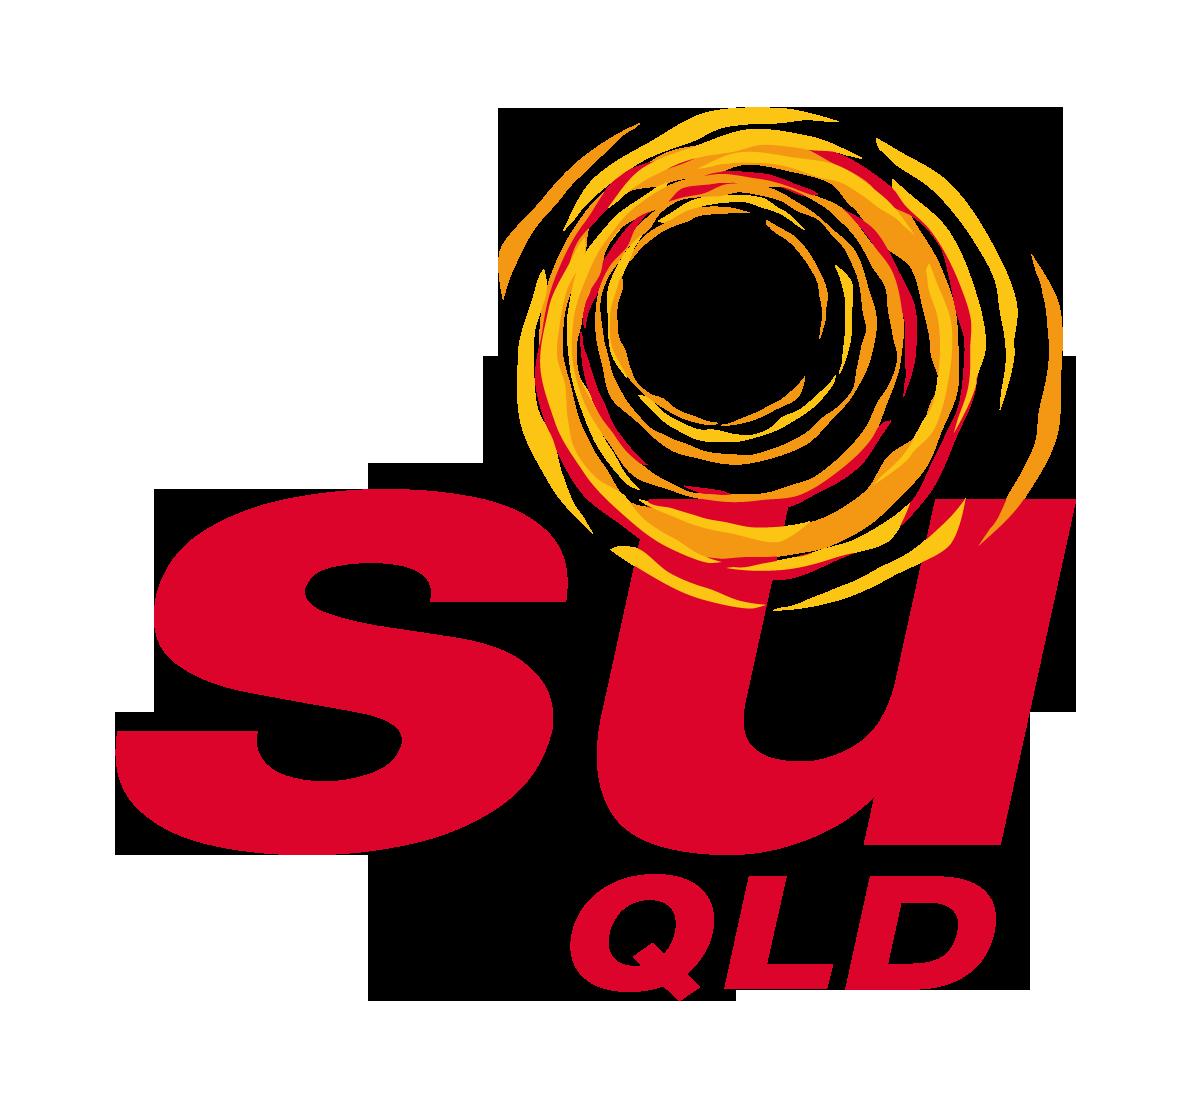 SU QLD